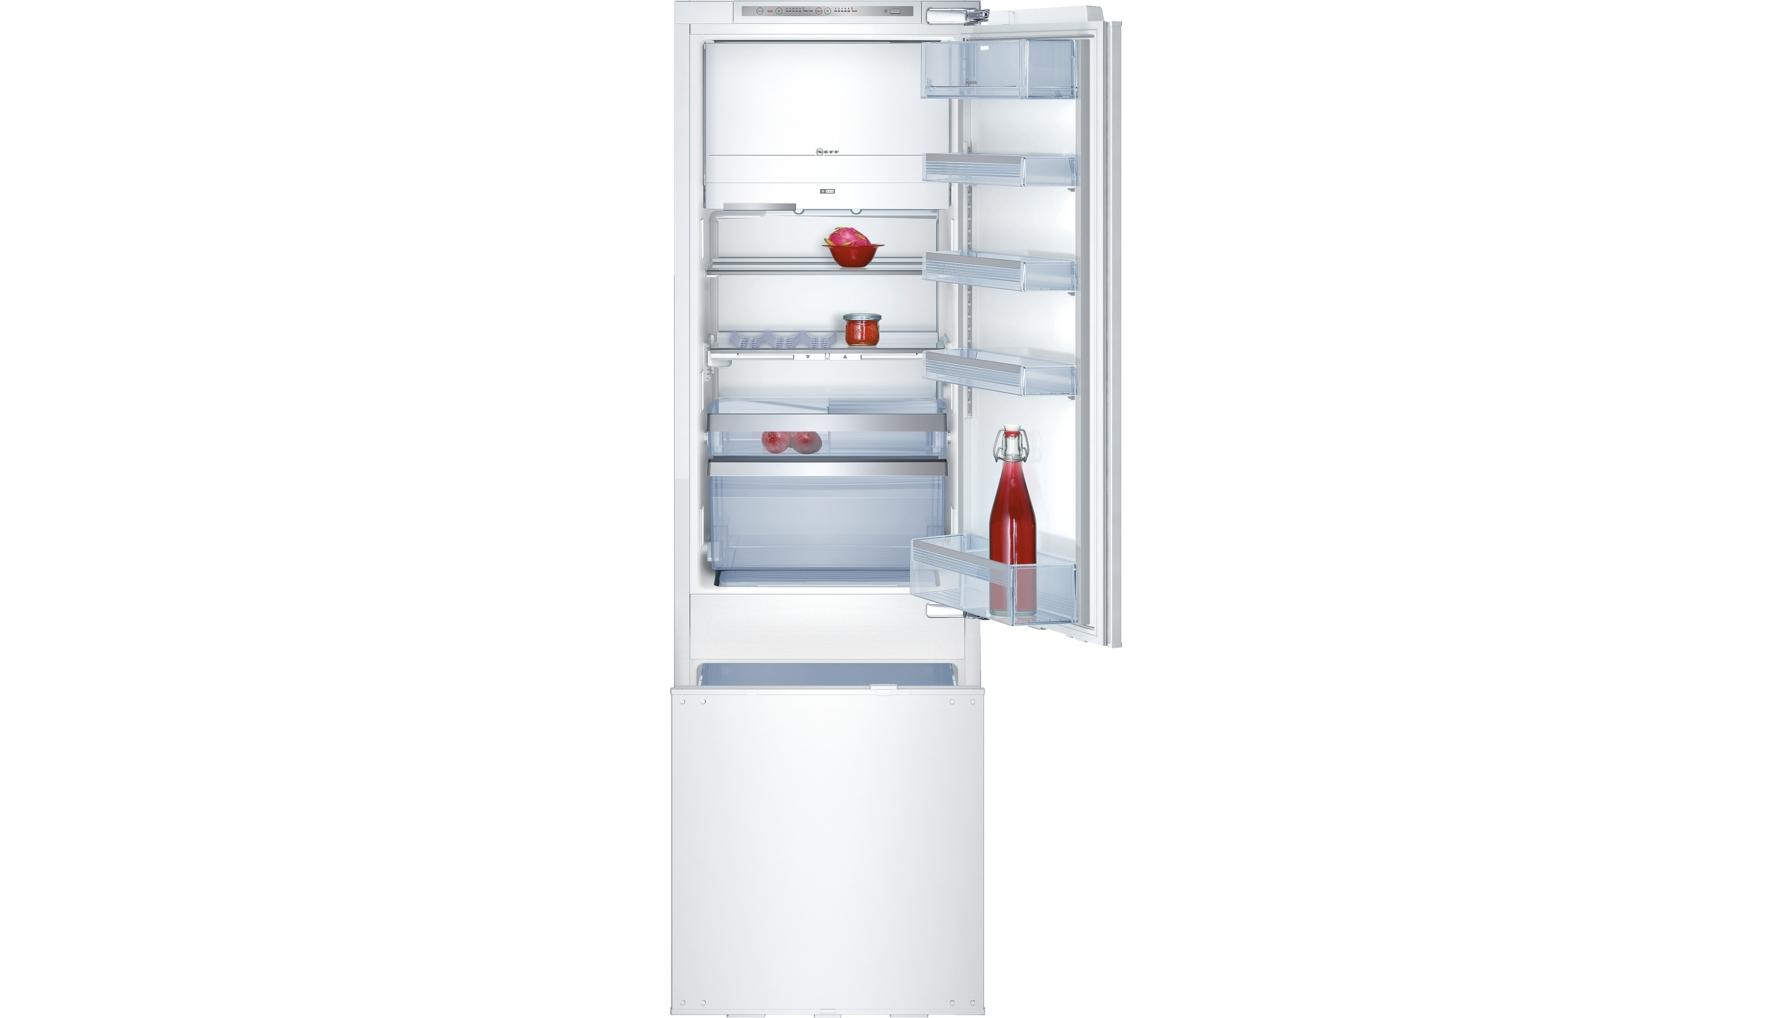 Ausgezeichnet Gastro Kühlschrank Glastür Galerie - Die Designideen ...